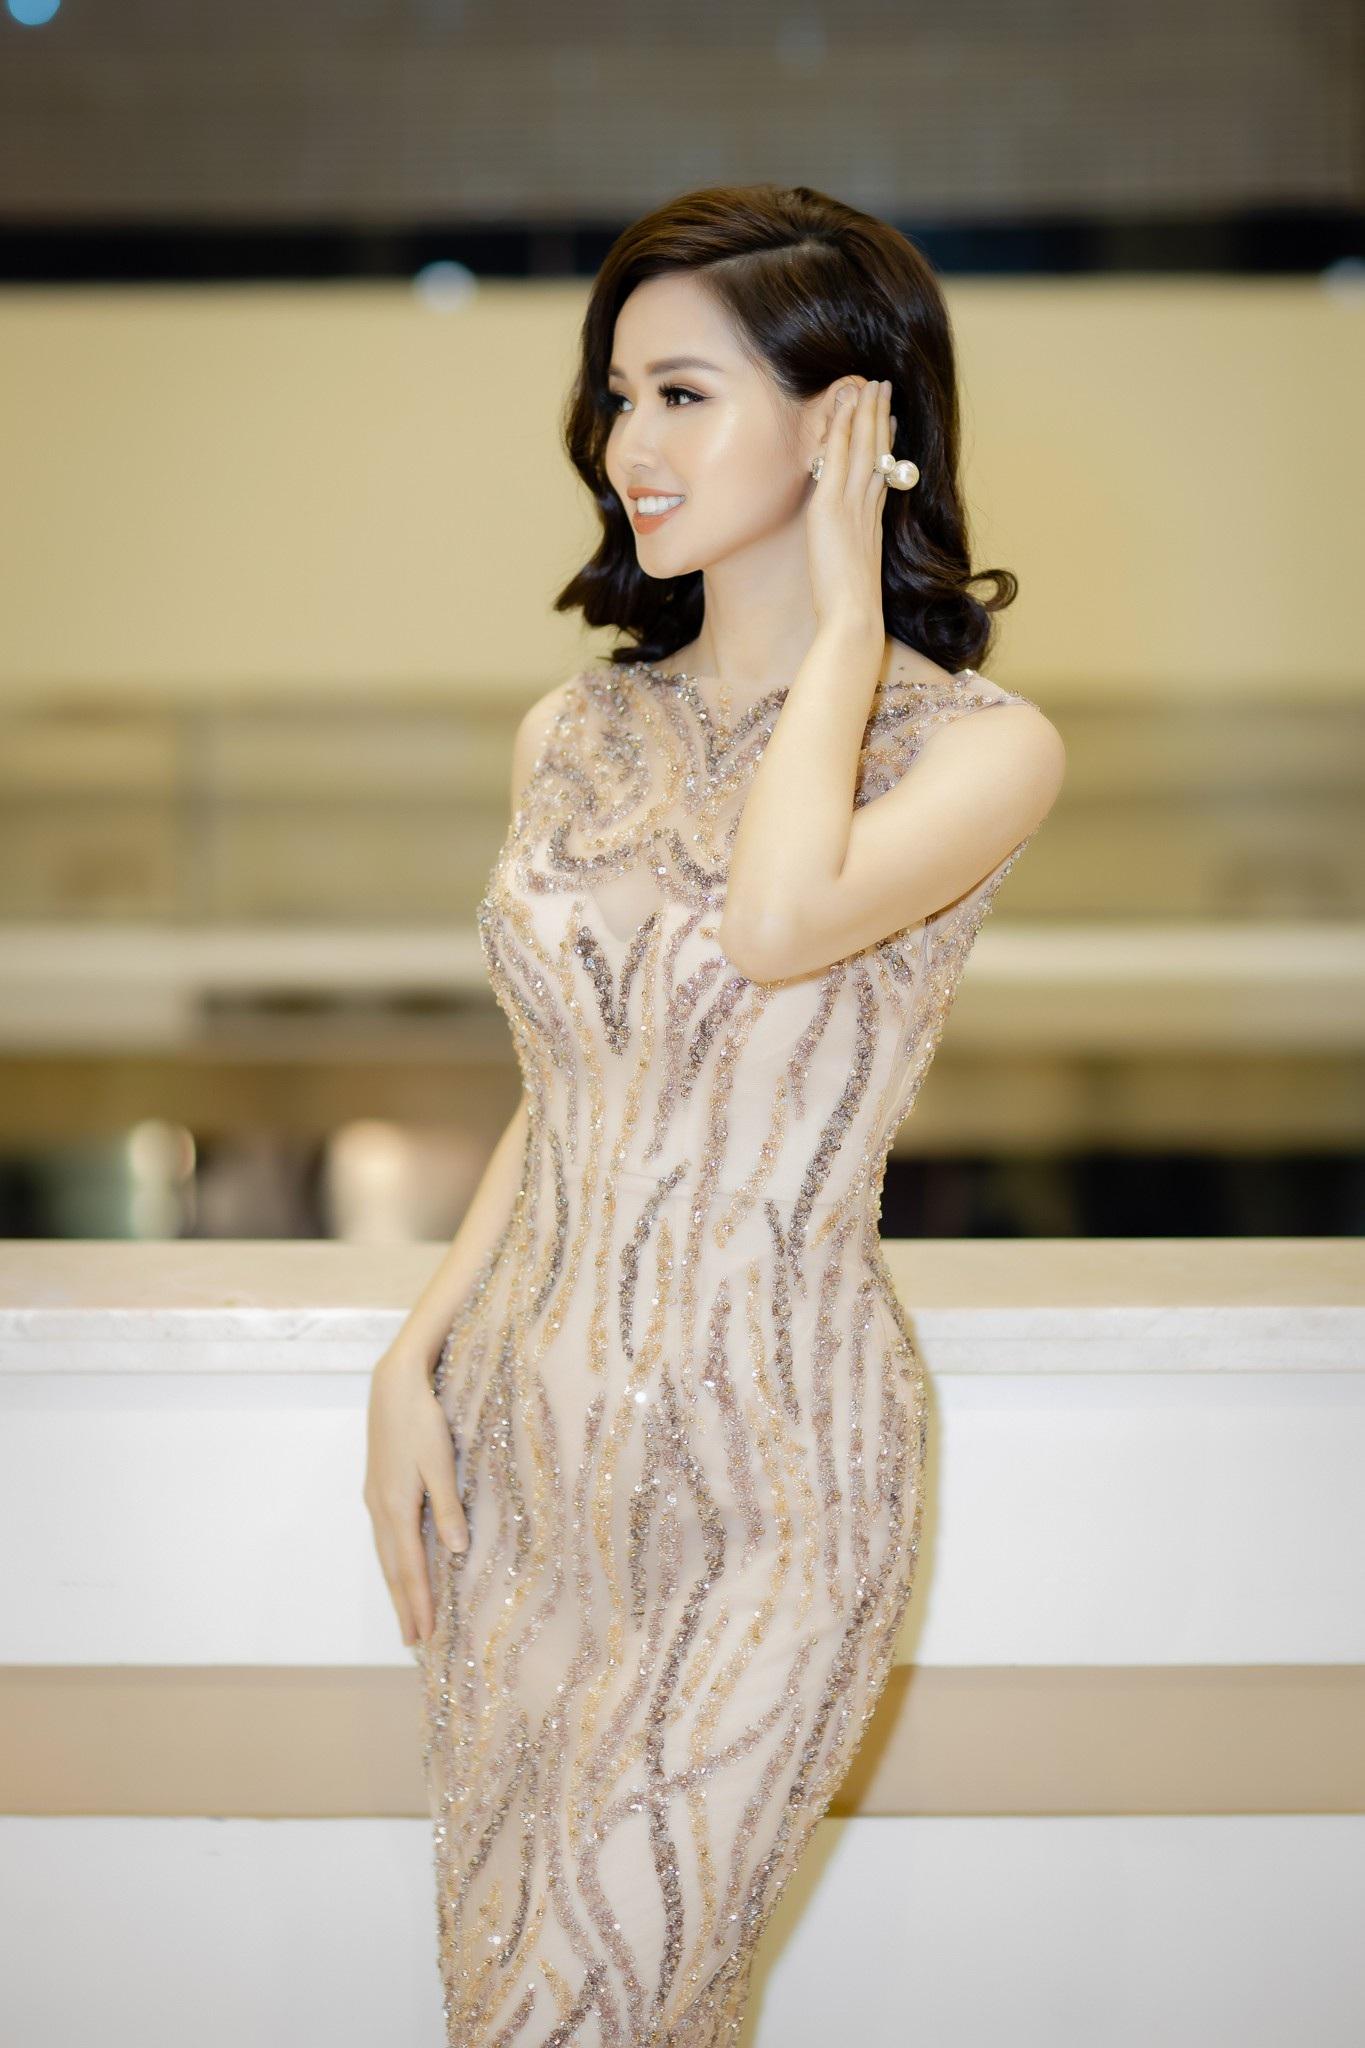 Cuộc sống sung túc, hot girl Tâm Tít sang chảnh không kém Hoa hậu Mai Phương Thuý - Ảnh 4.